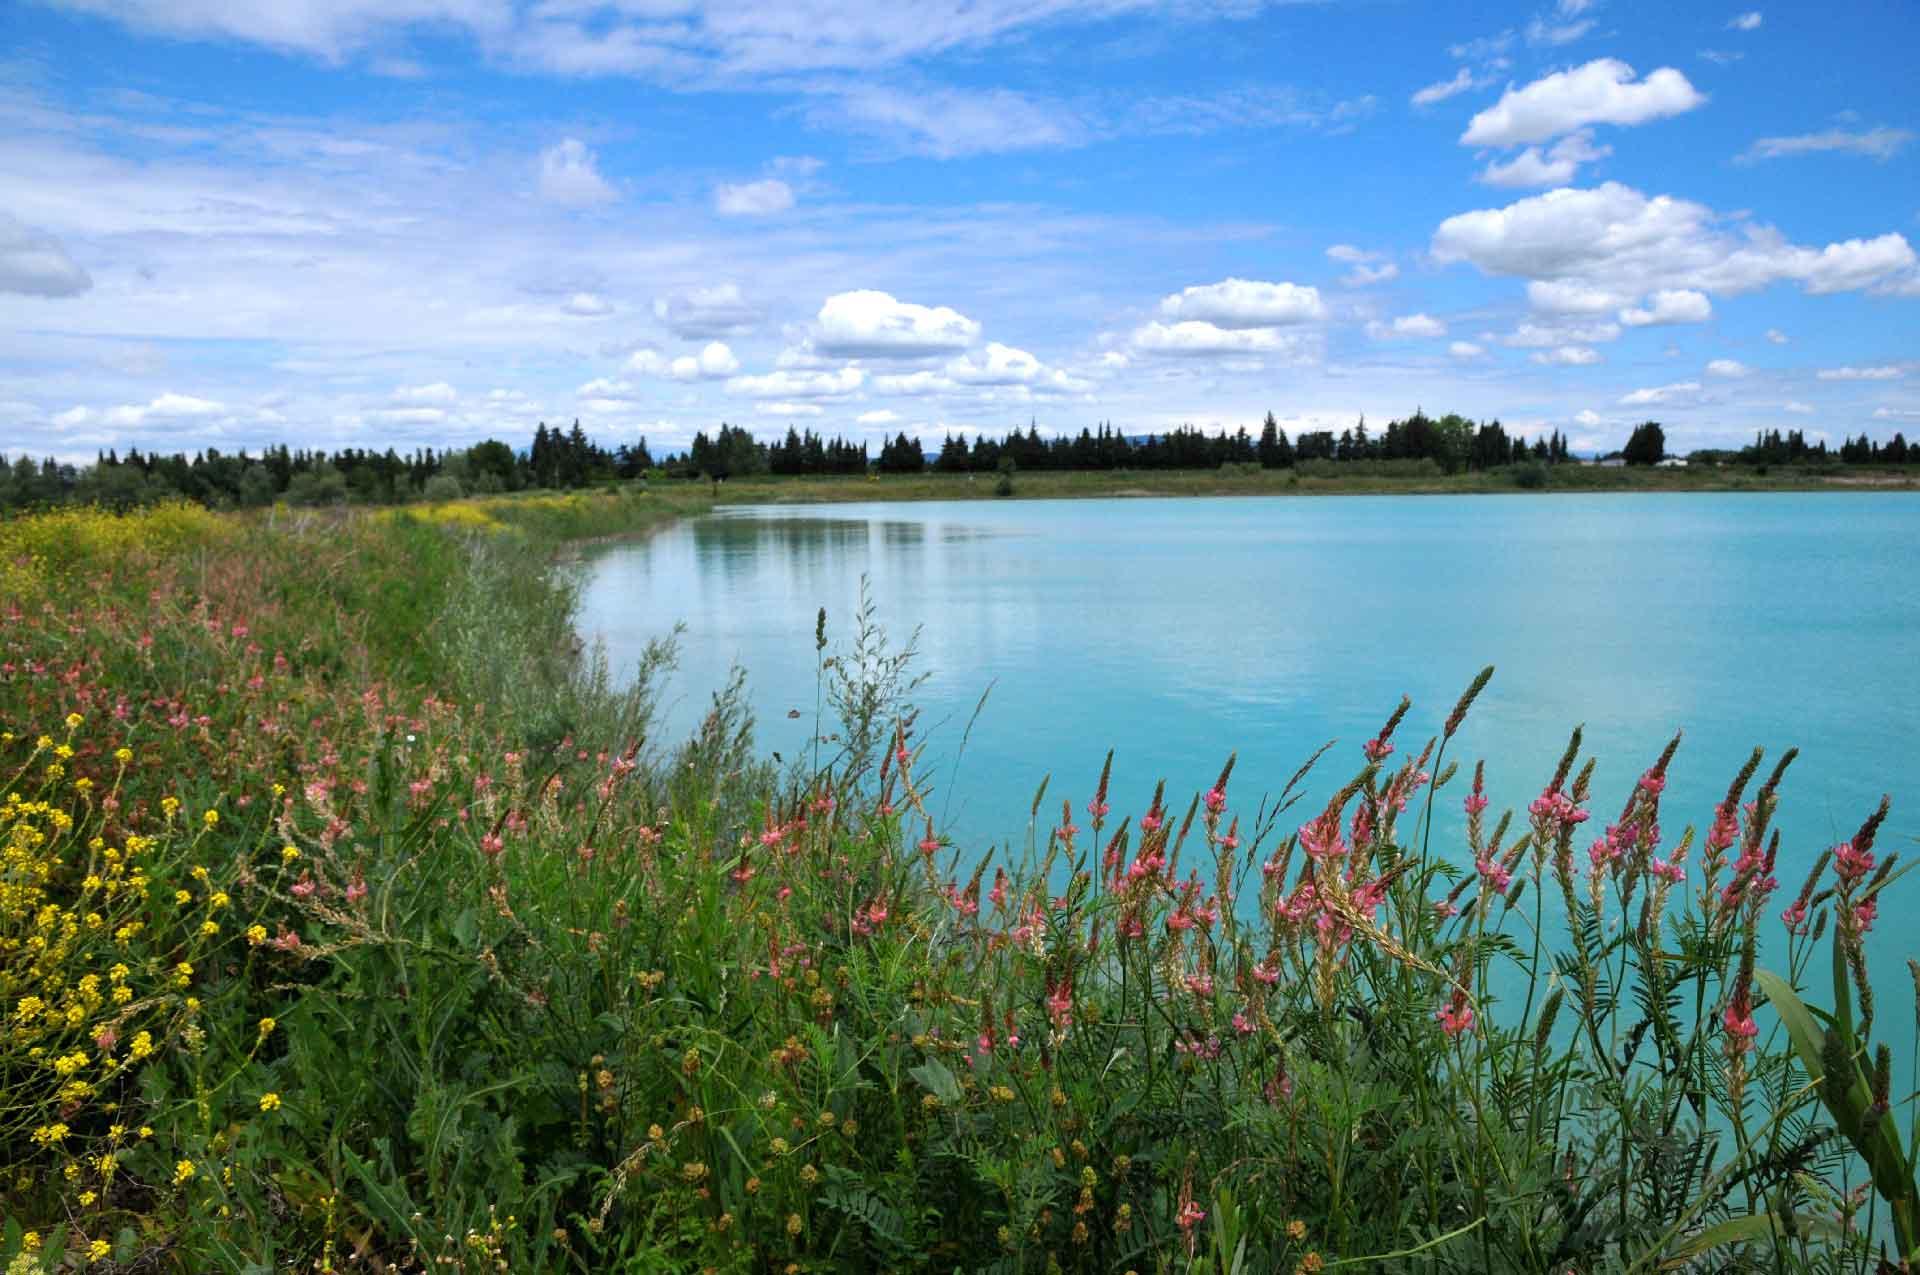 Génie végétal : Renaturalisation des berges - Résultat du chantier de Confortement d'une digue - Carrière Lafarge à Cavaillon